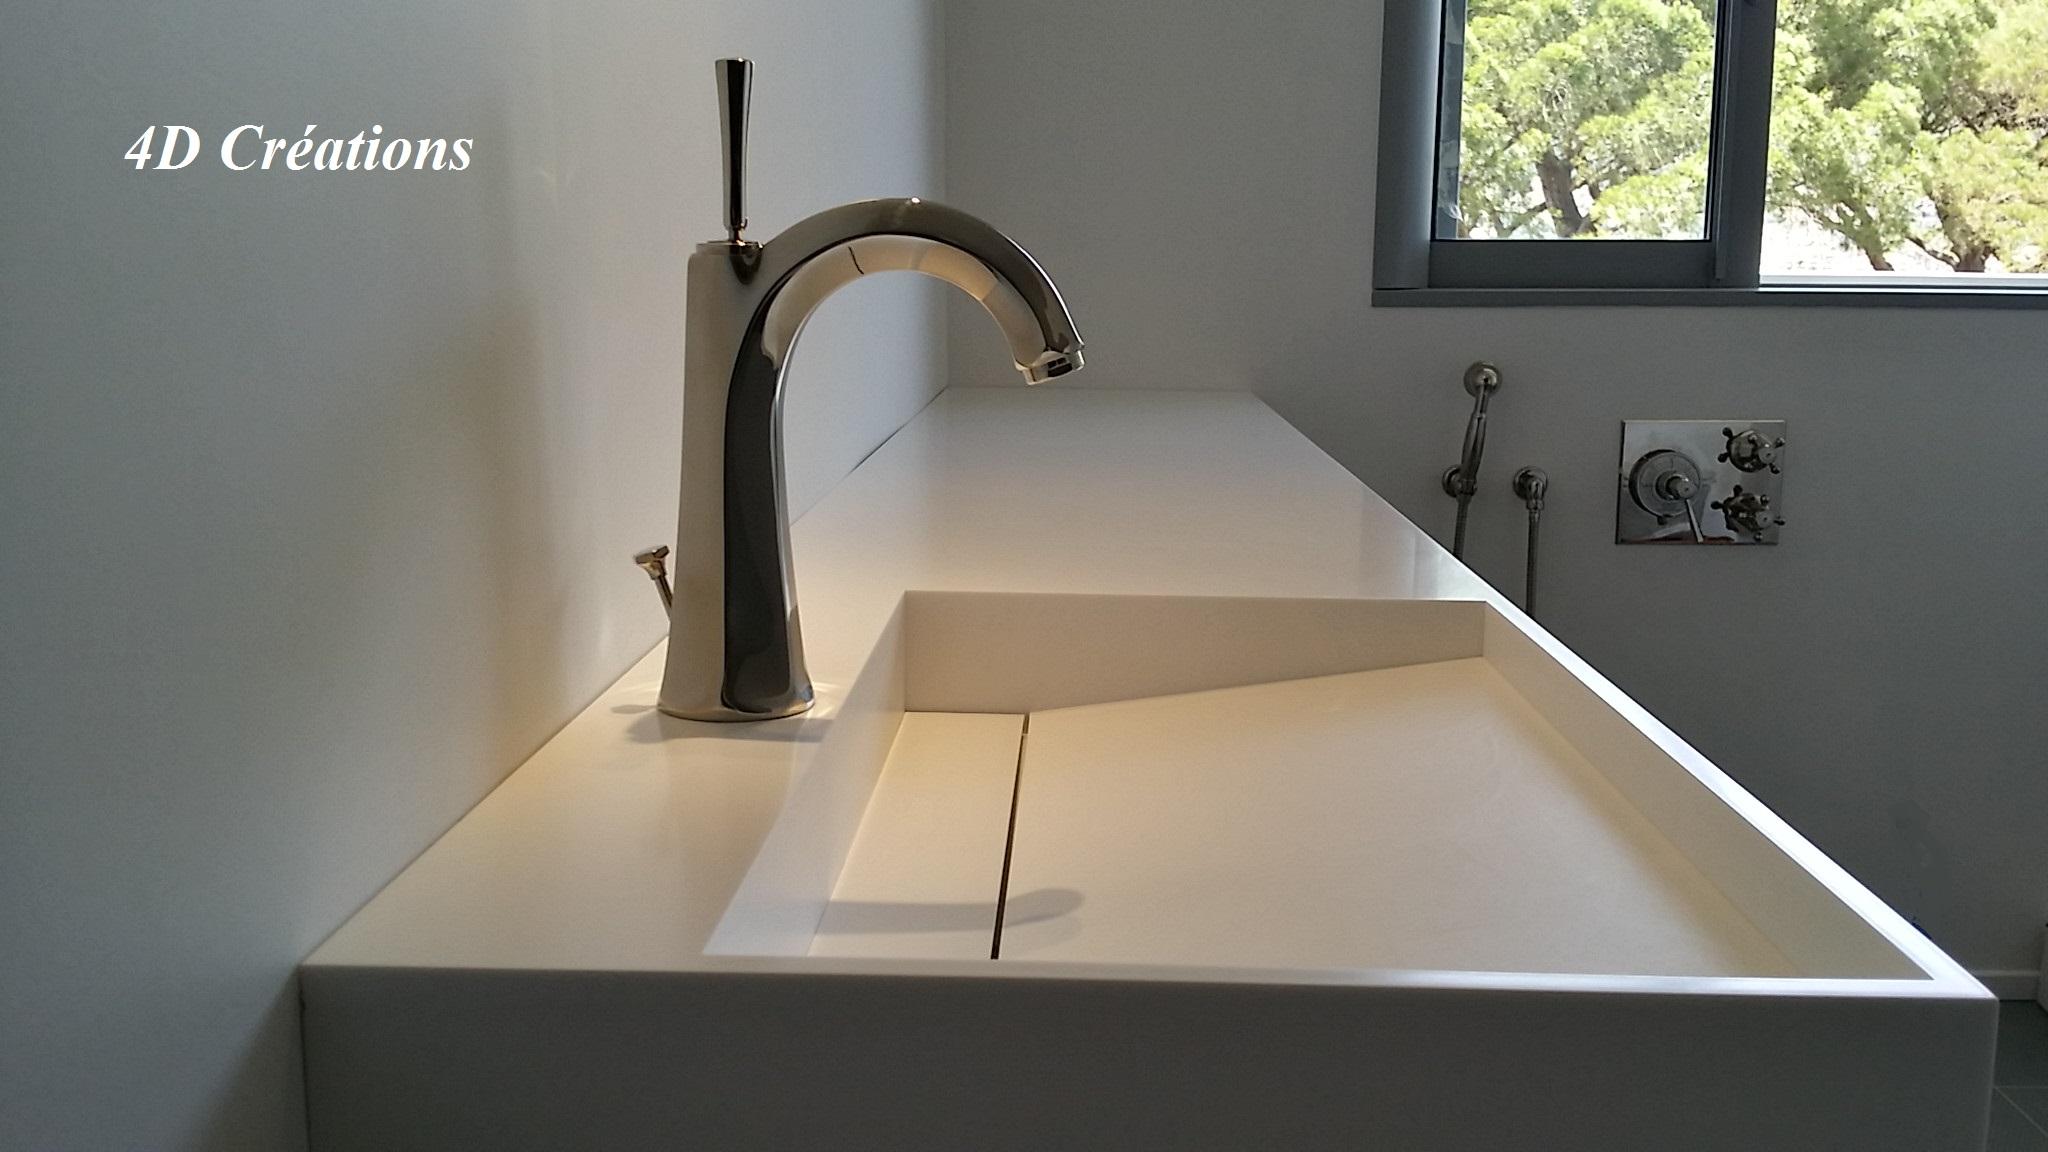 magasin salle de bain ajaccio inspiration pour la conception de la salle de bain. Black Bedroom Furniture Sets. Home Design Ideas